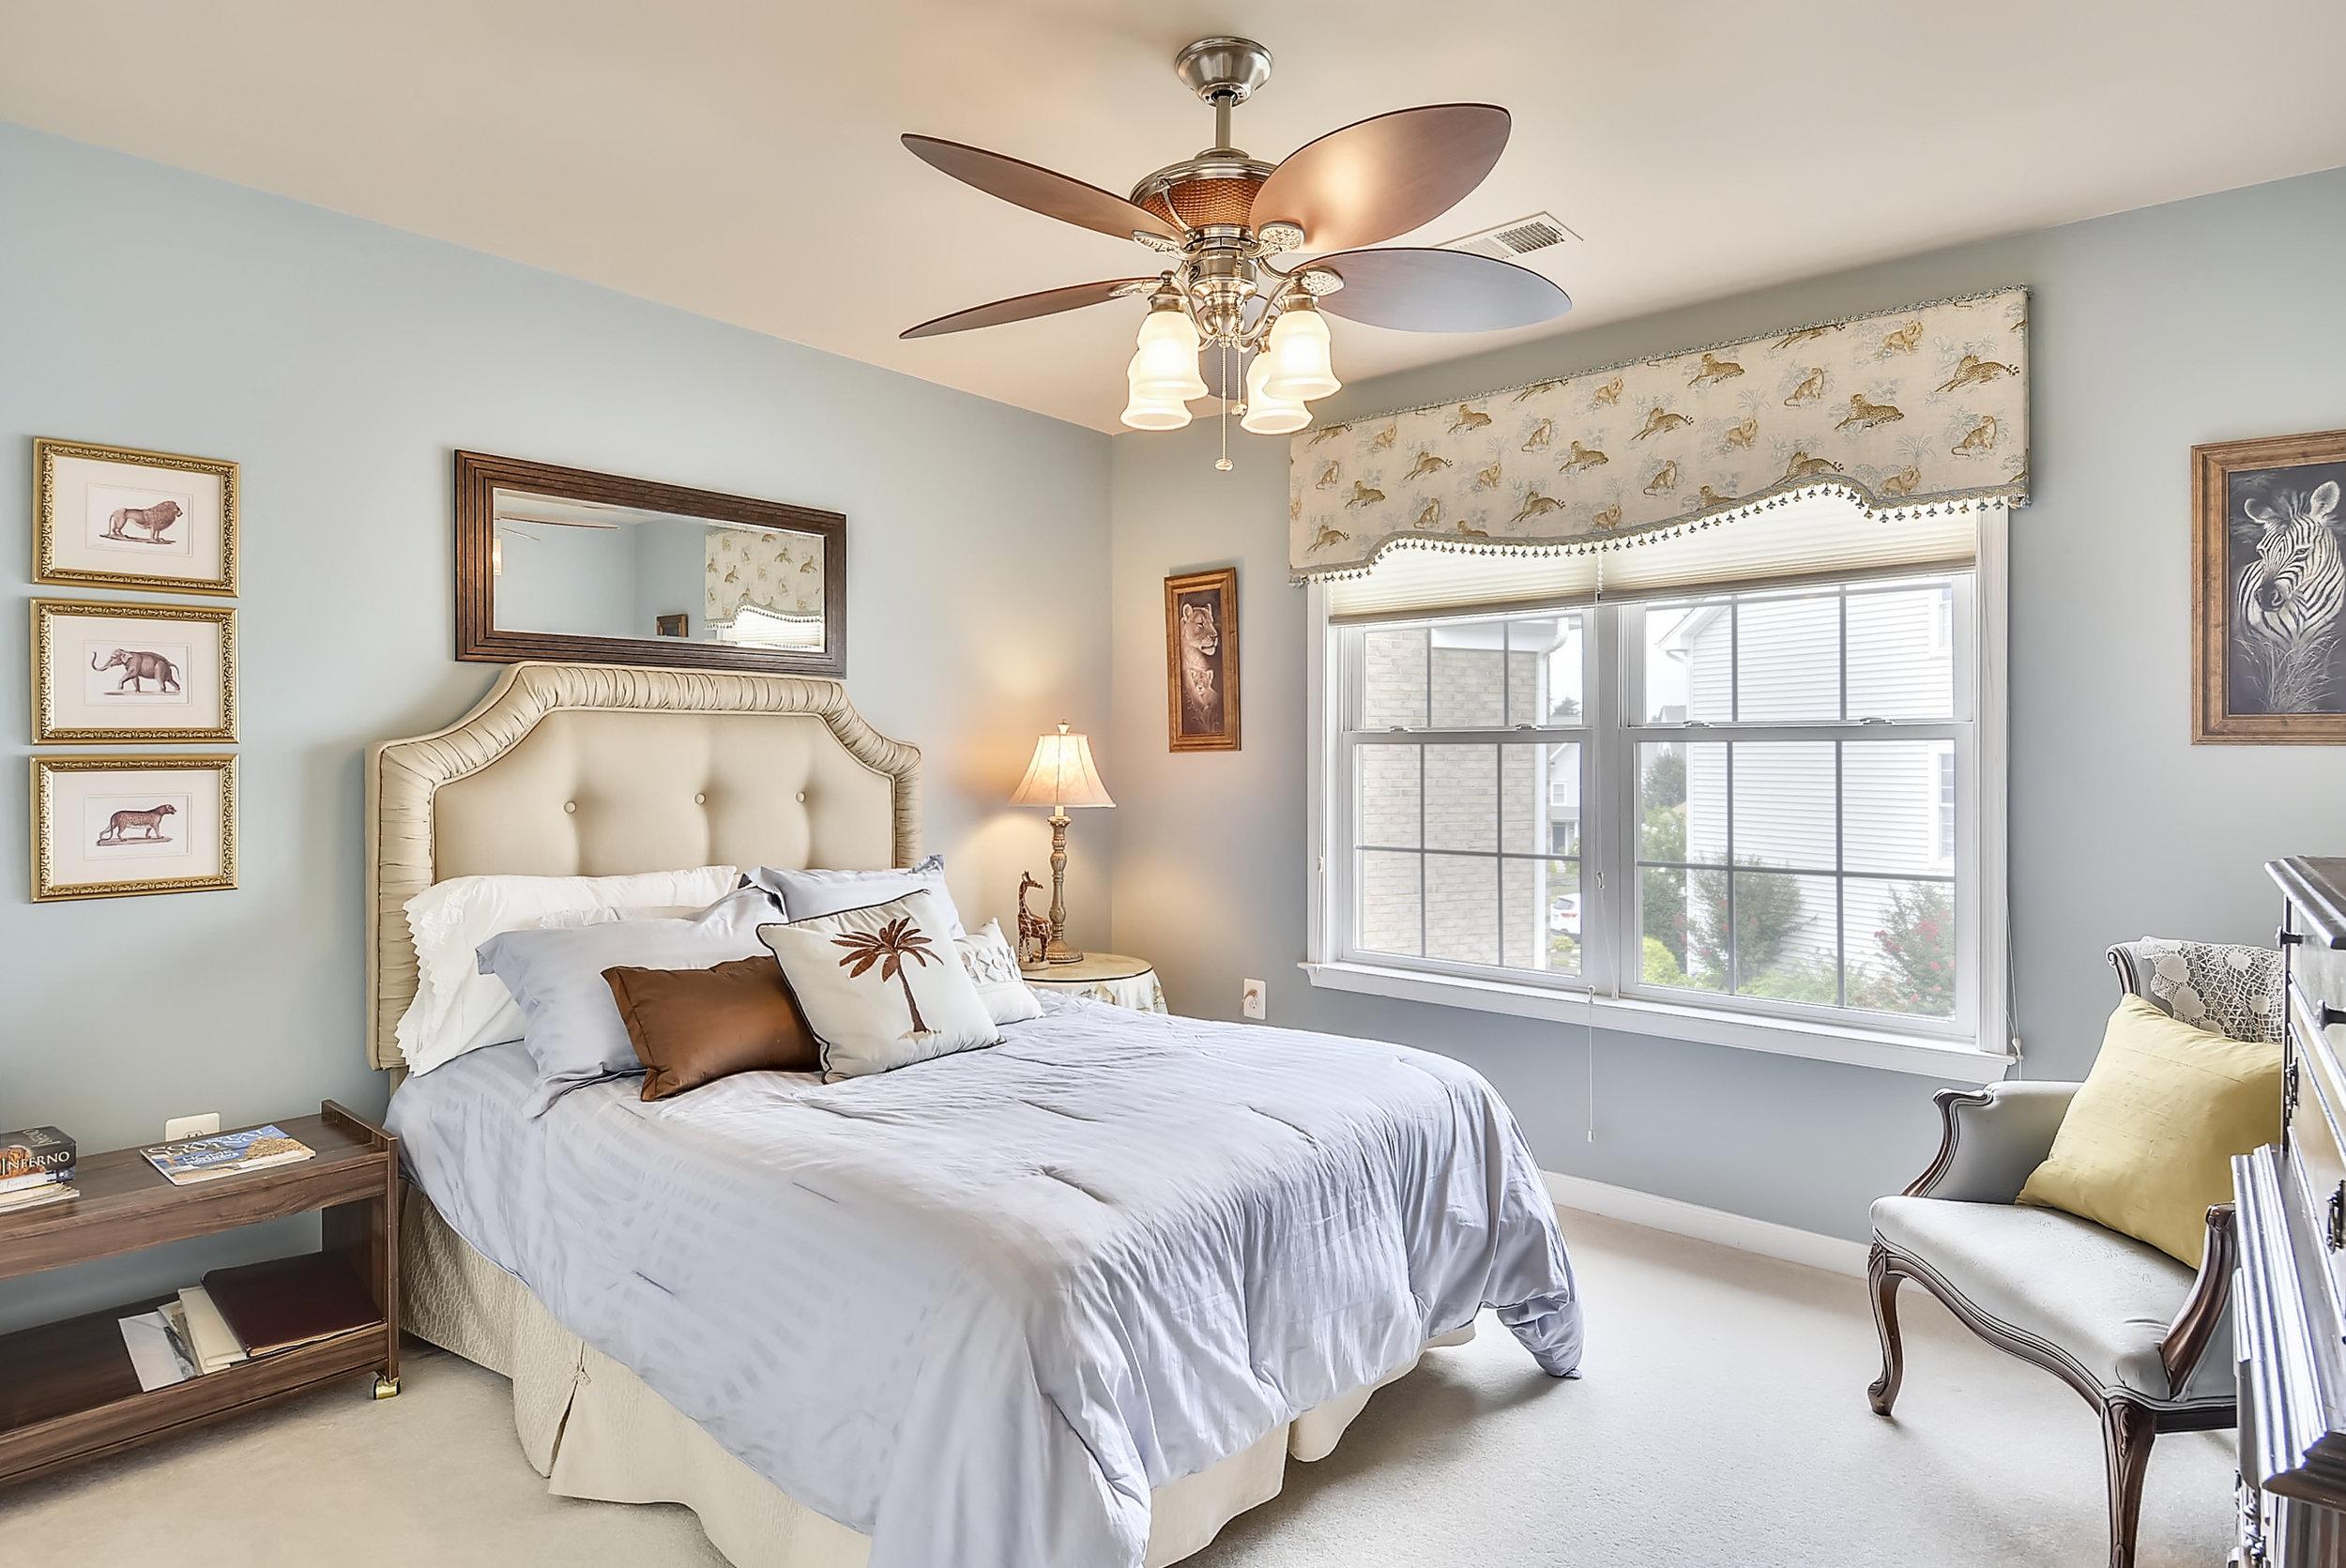 Upper Level 1-Bedroom-_DSC6545.JPG